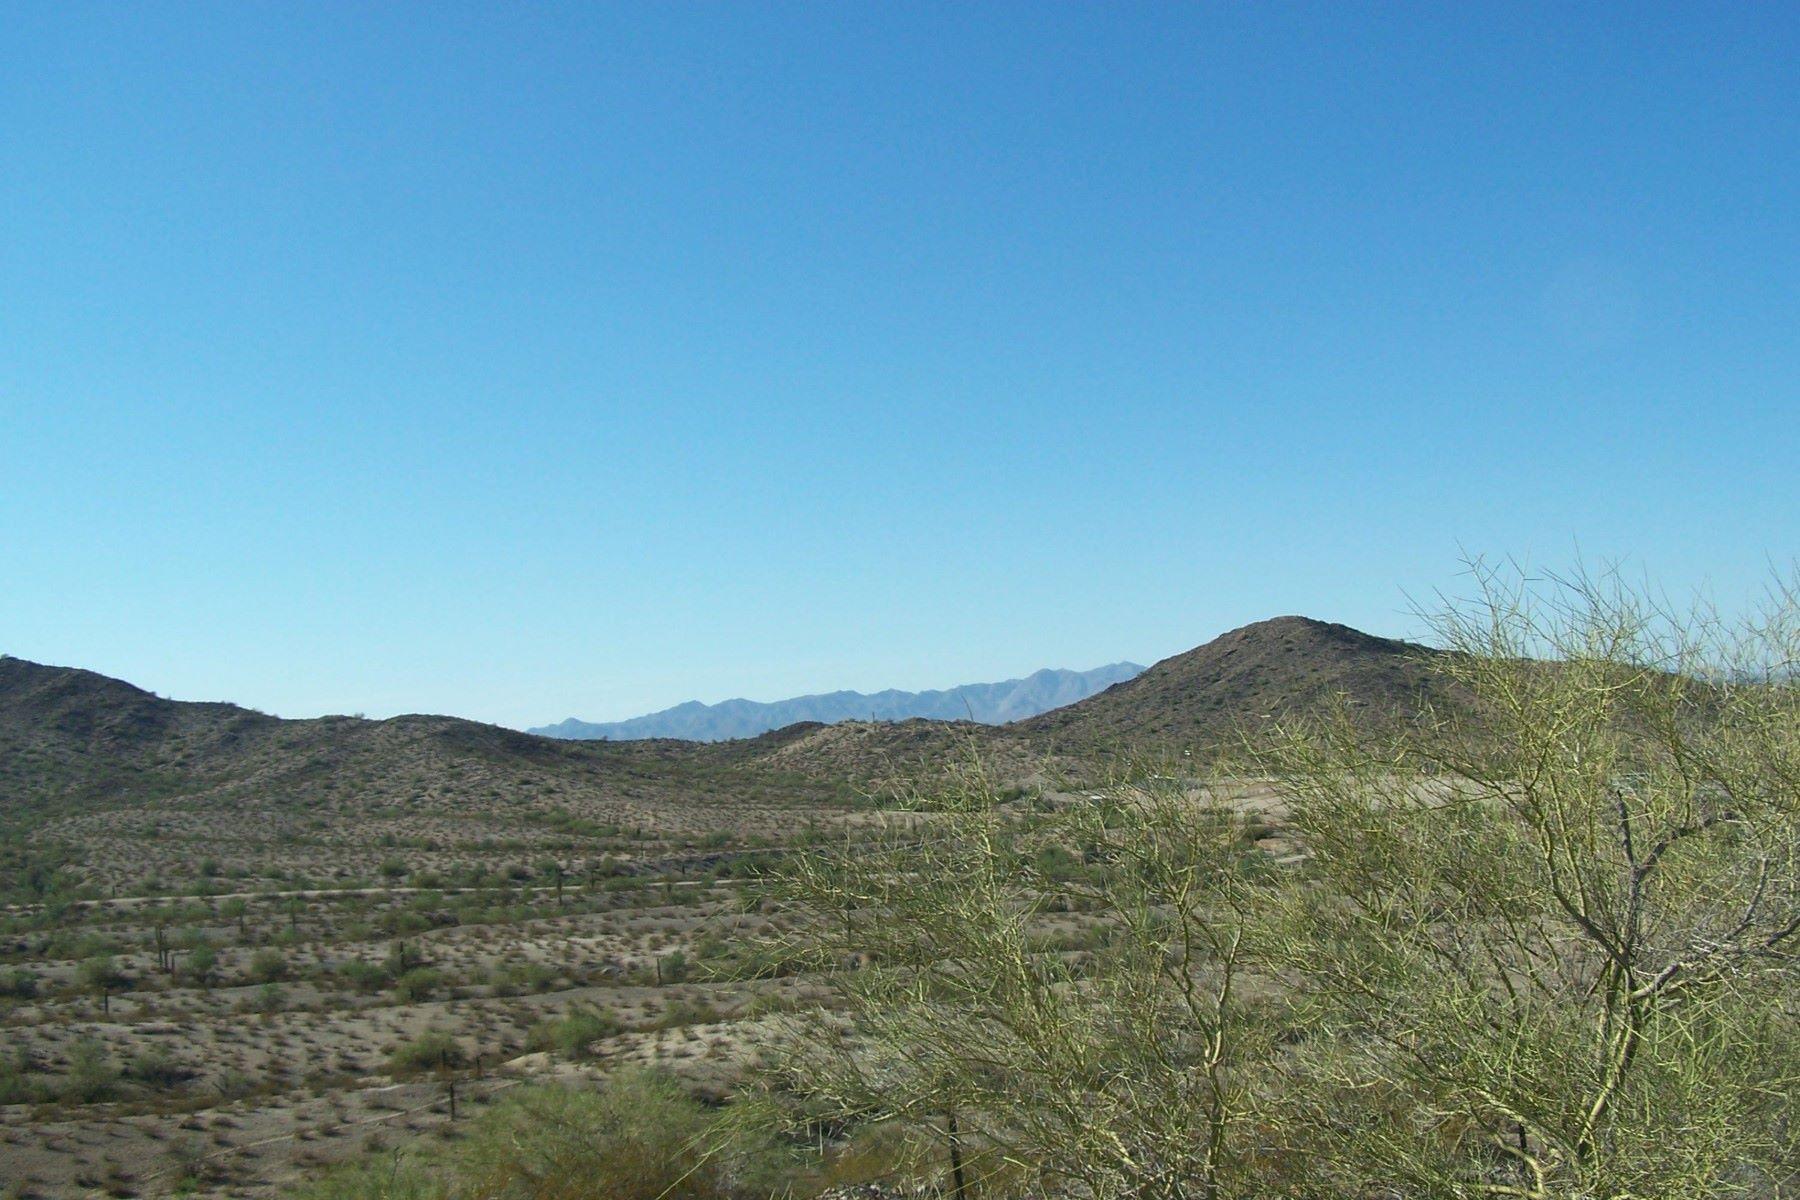 土地,用地 为 销售 在 5 acres abutting Estrella Mountain Park 0 S 143rd Ave, 古德伊尔(固特异), 亚利桑那州, 85338 美国